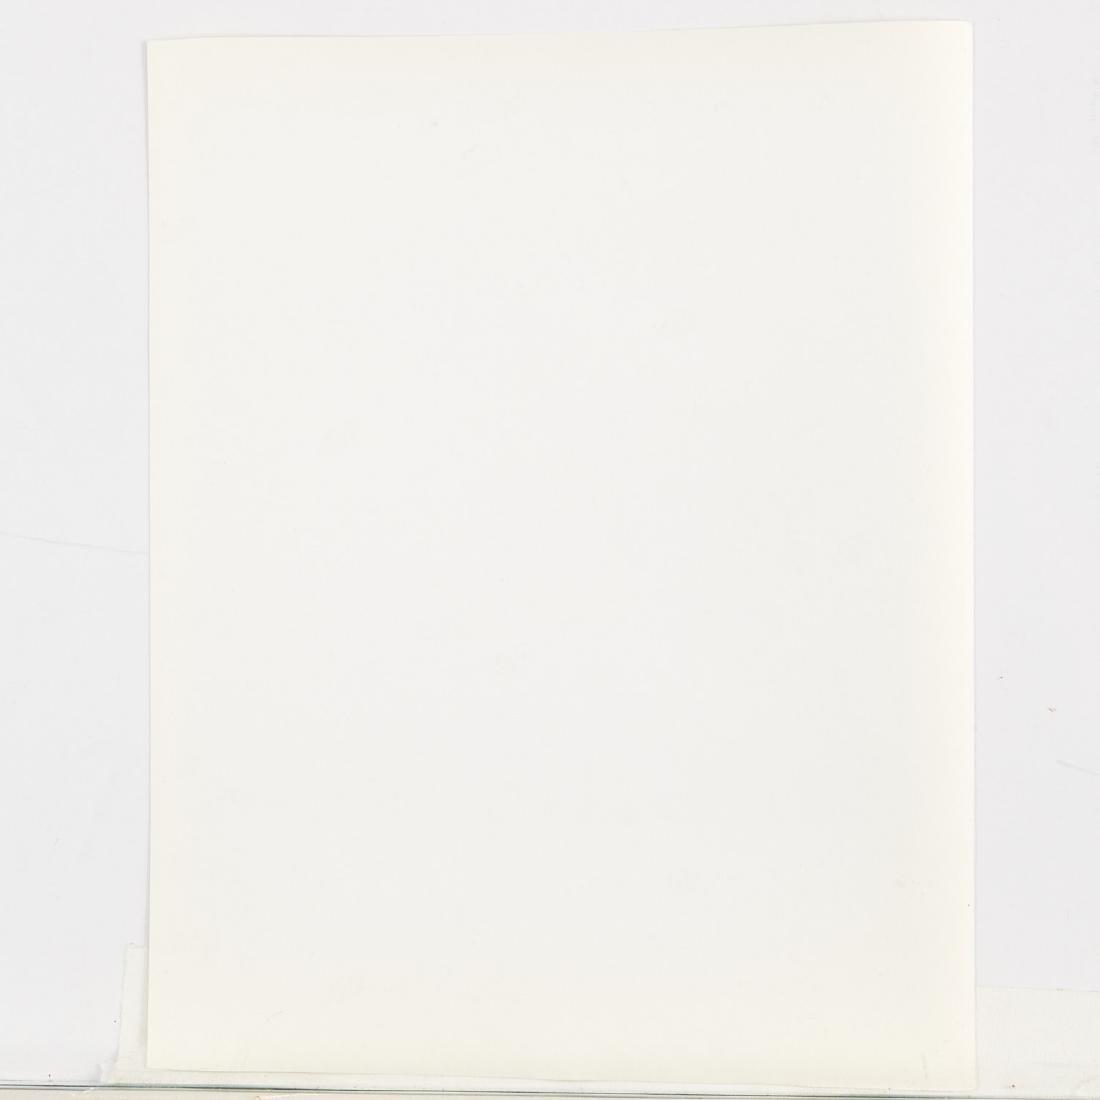 Robert Rauschenberg, photograph - 5